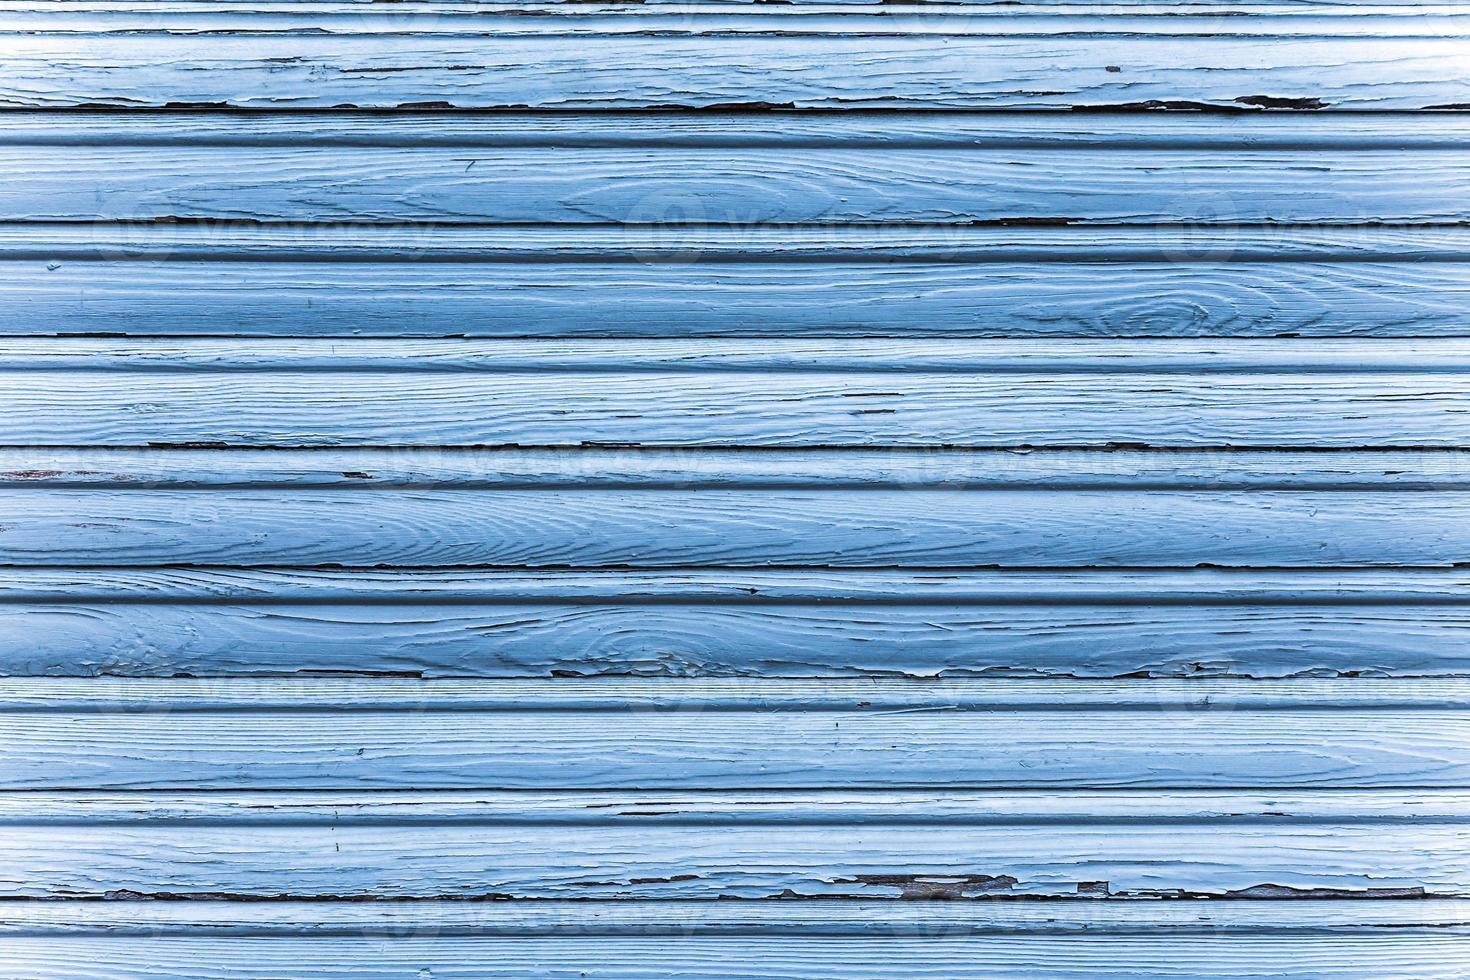 fenêtre en bois à volets roulants photo